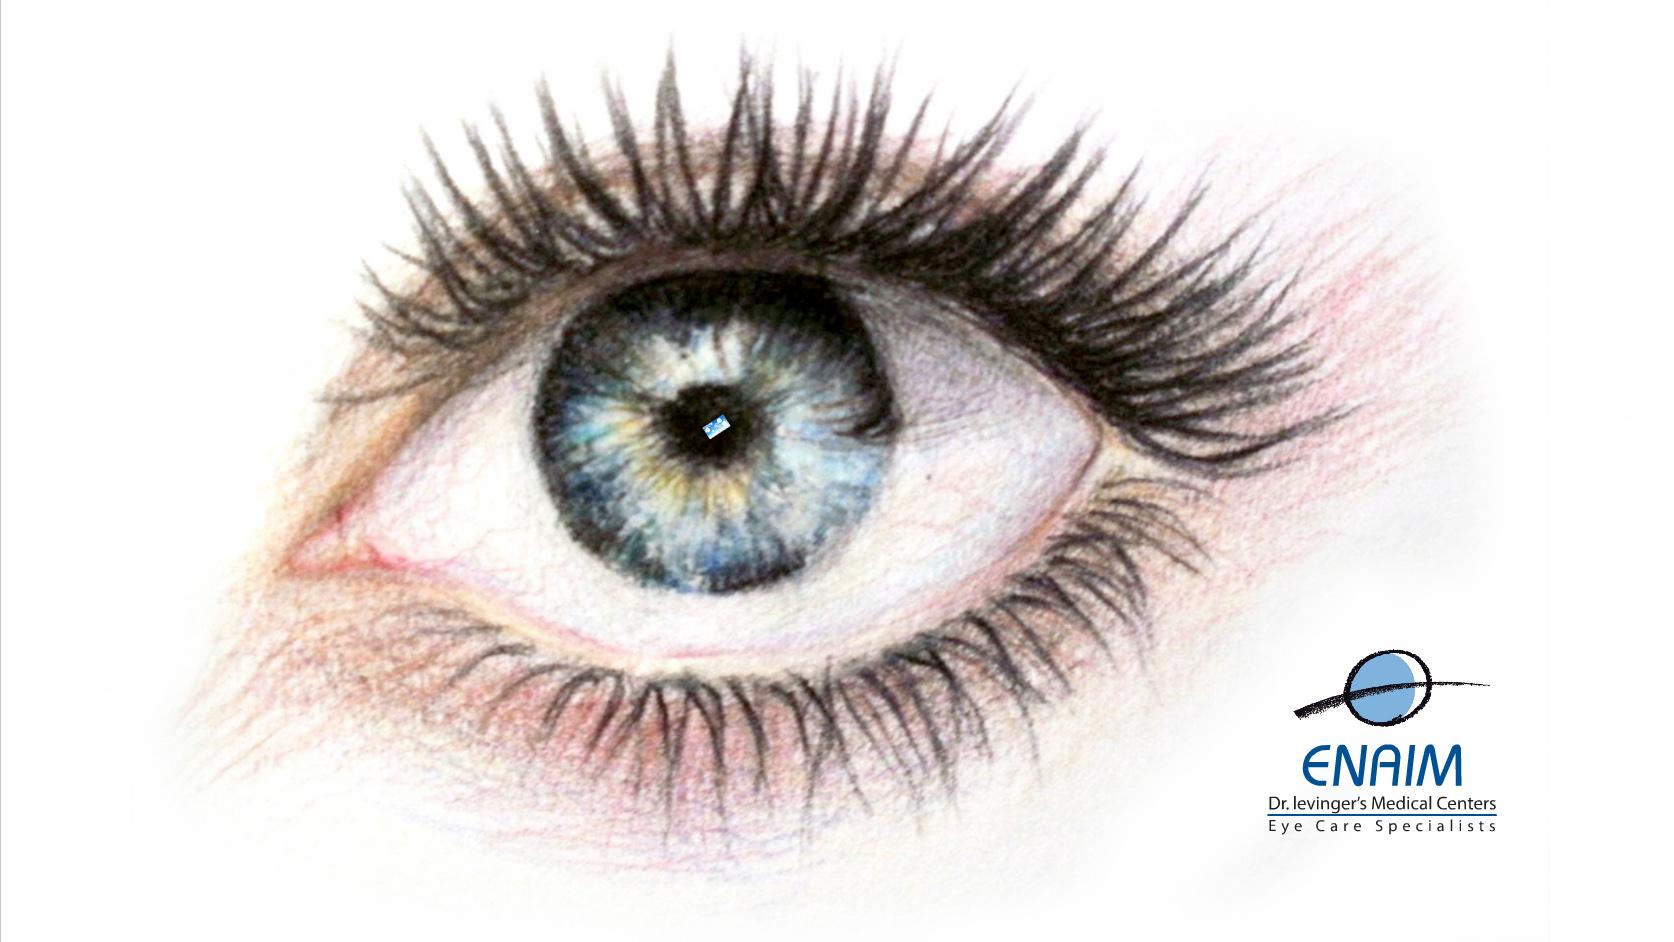 עיניים מרכזים רפואיים